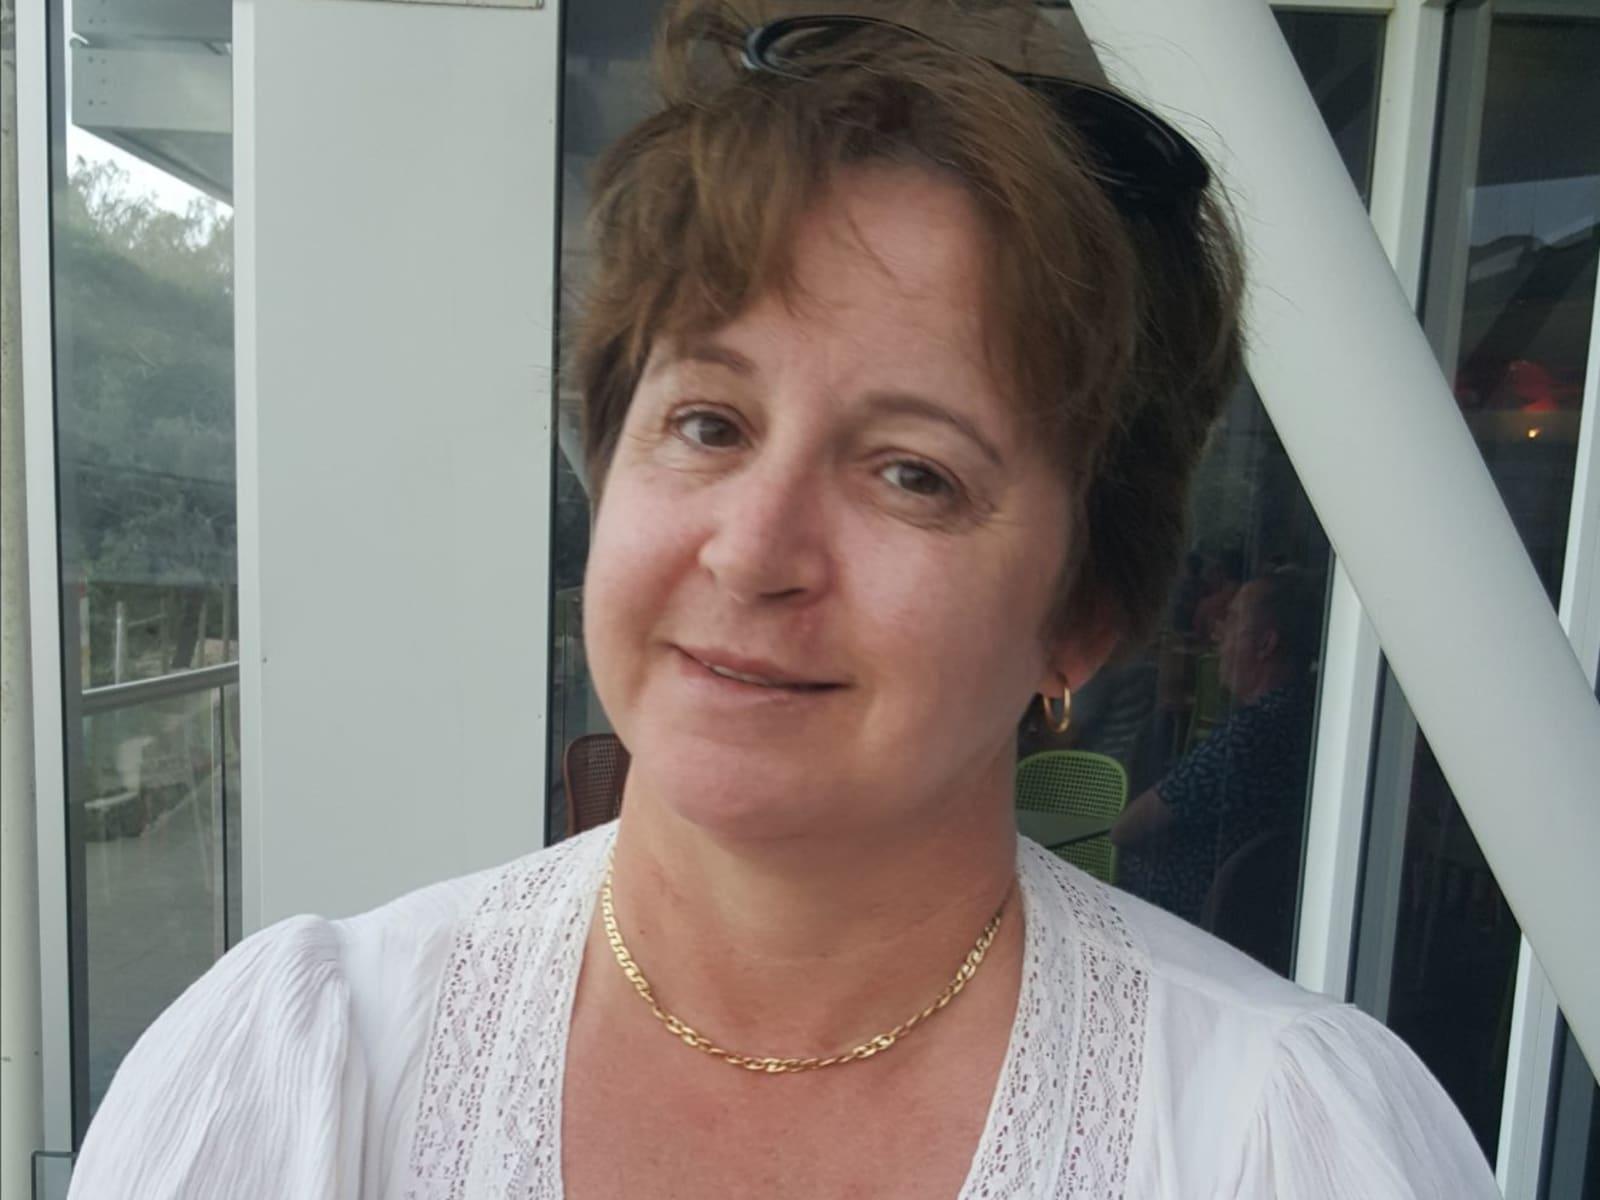 Francesca from Melbourne, Victoria, Australia